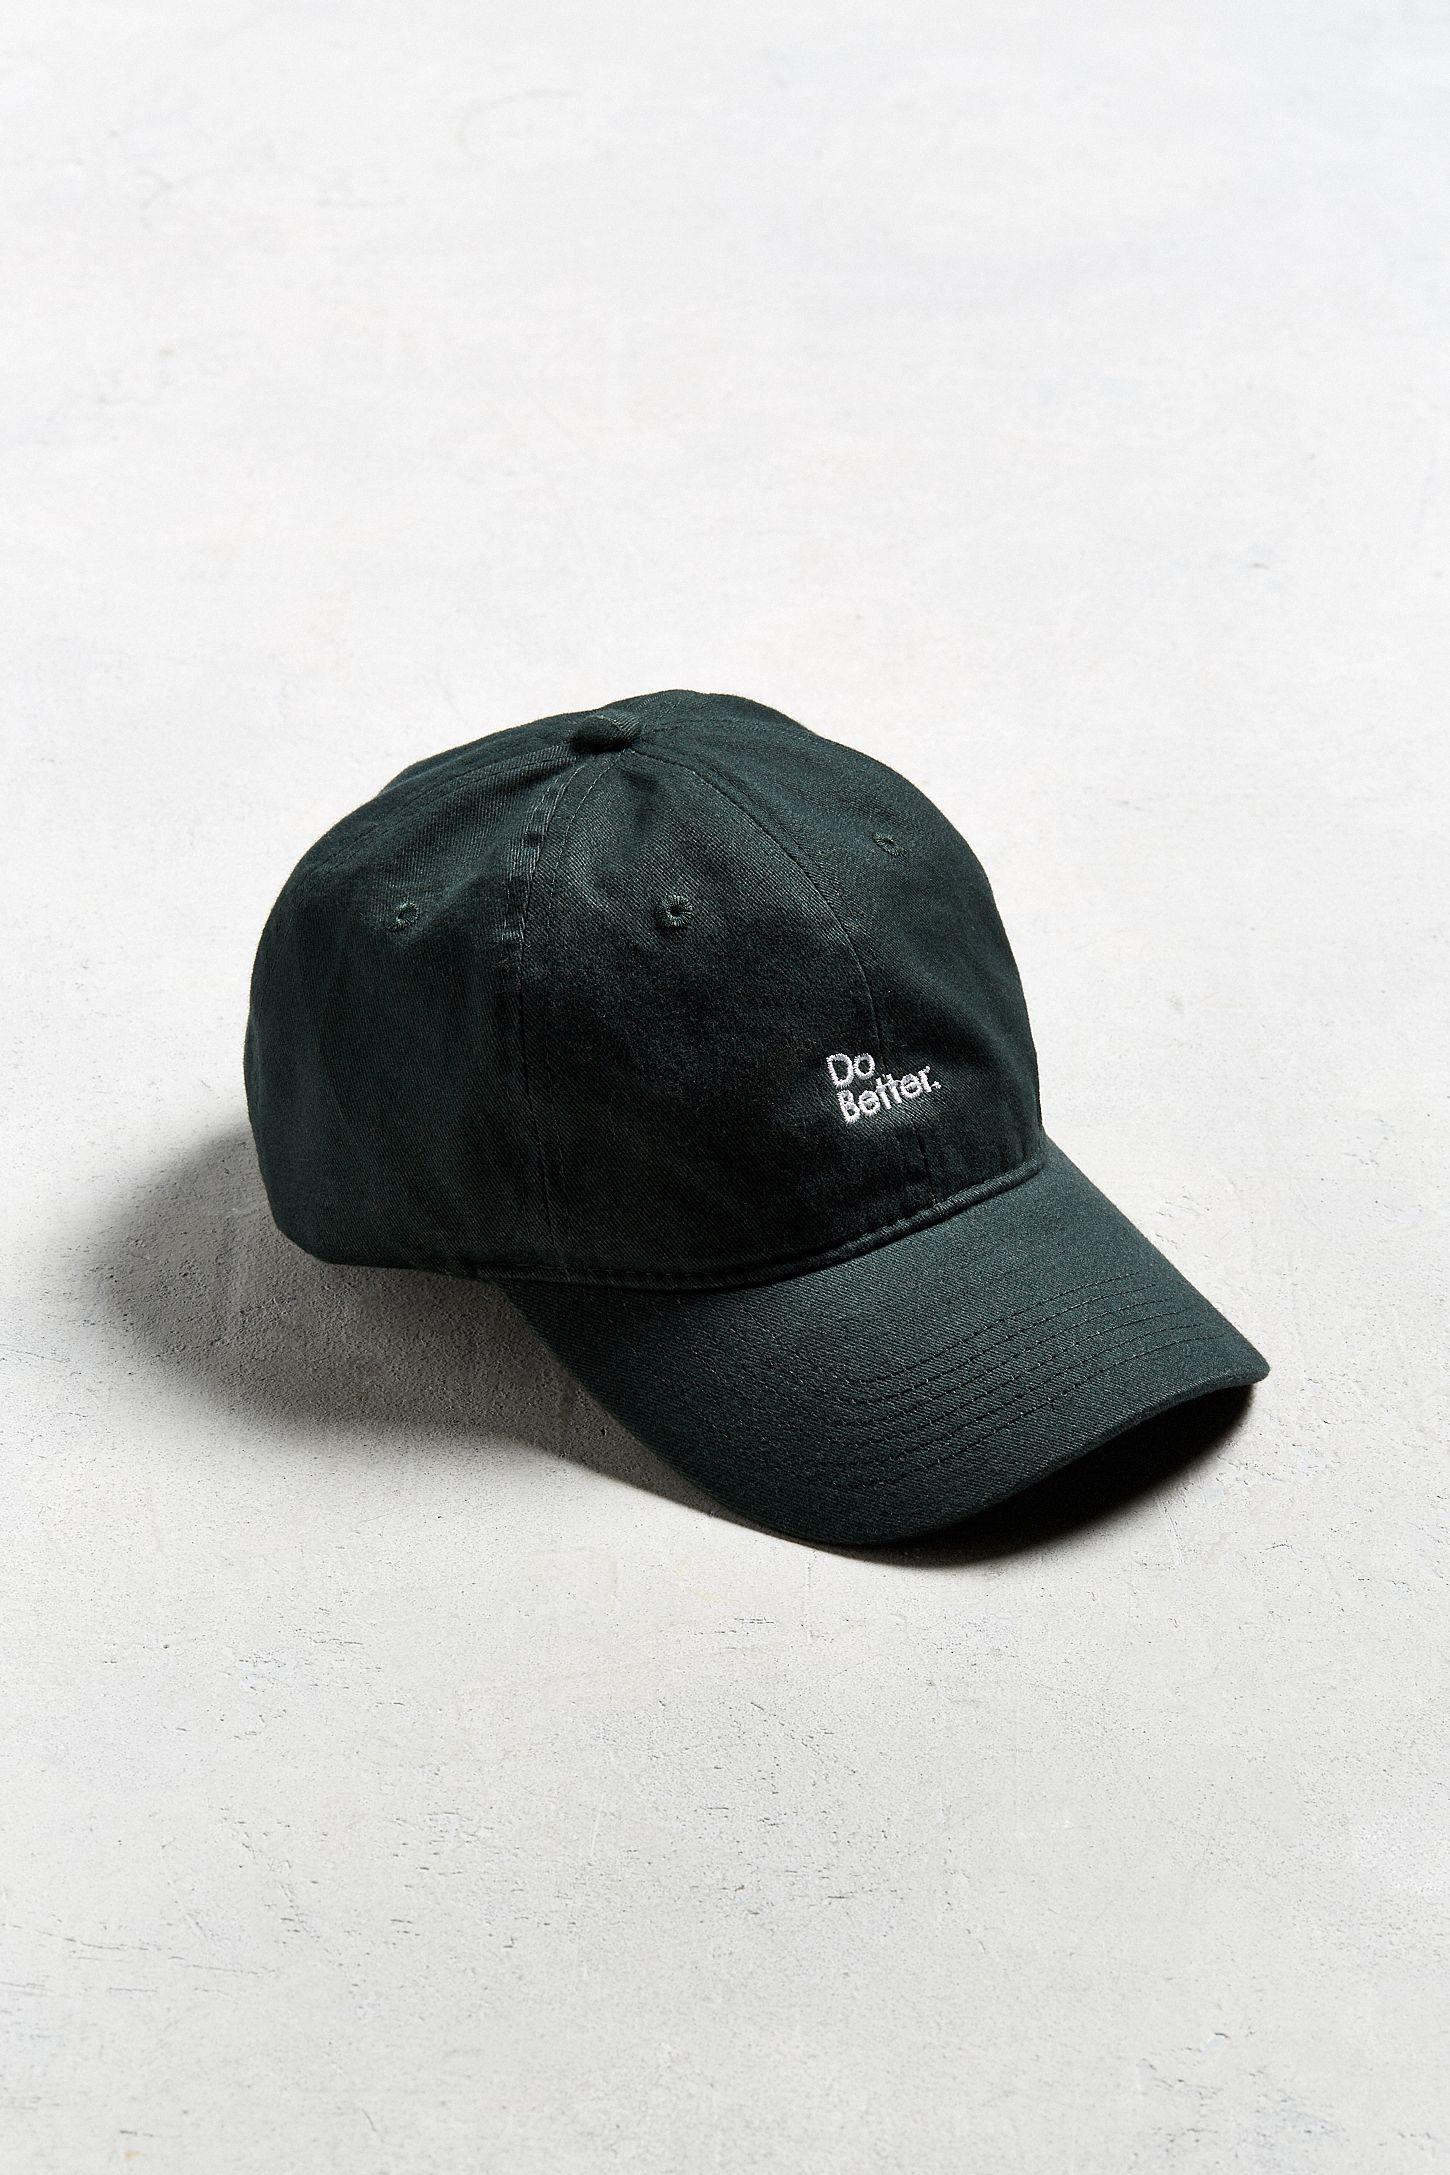 47296cbbaf3 Do Better Dad Hat